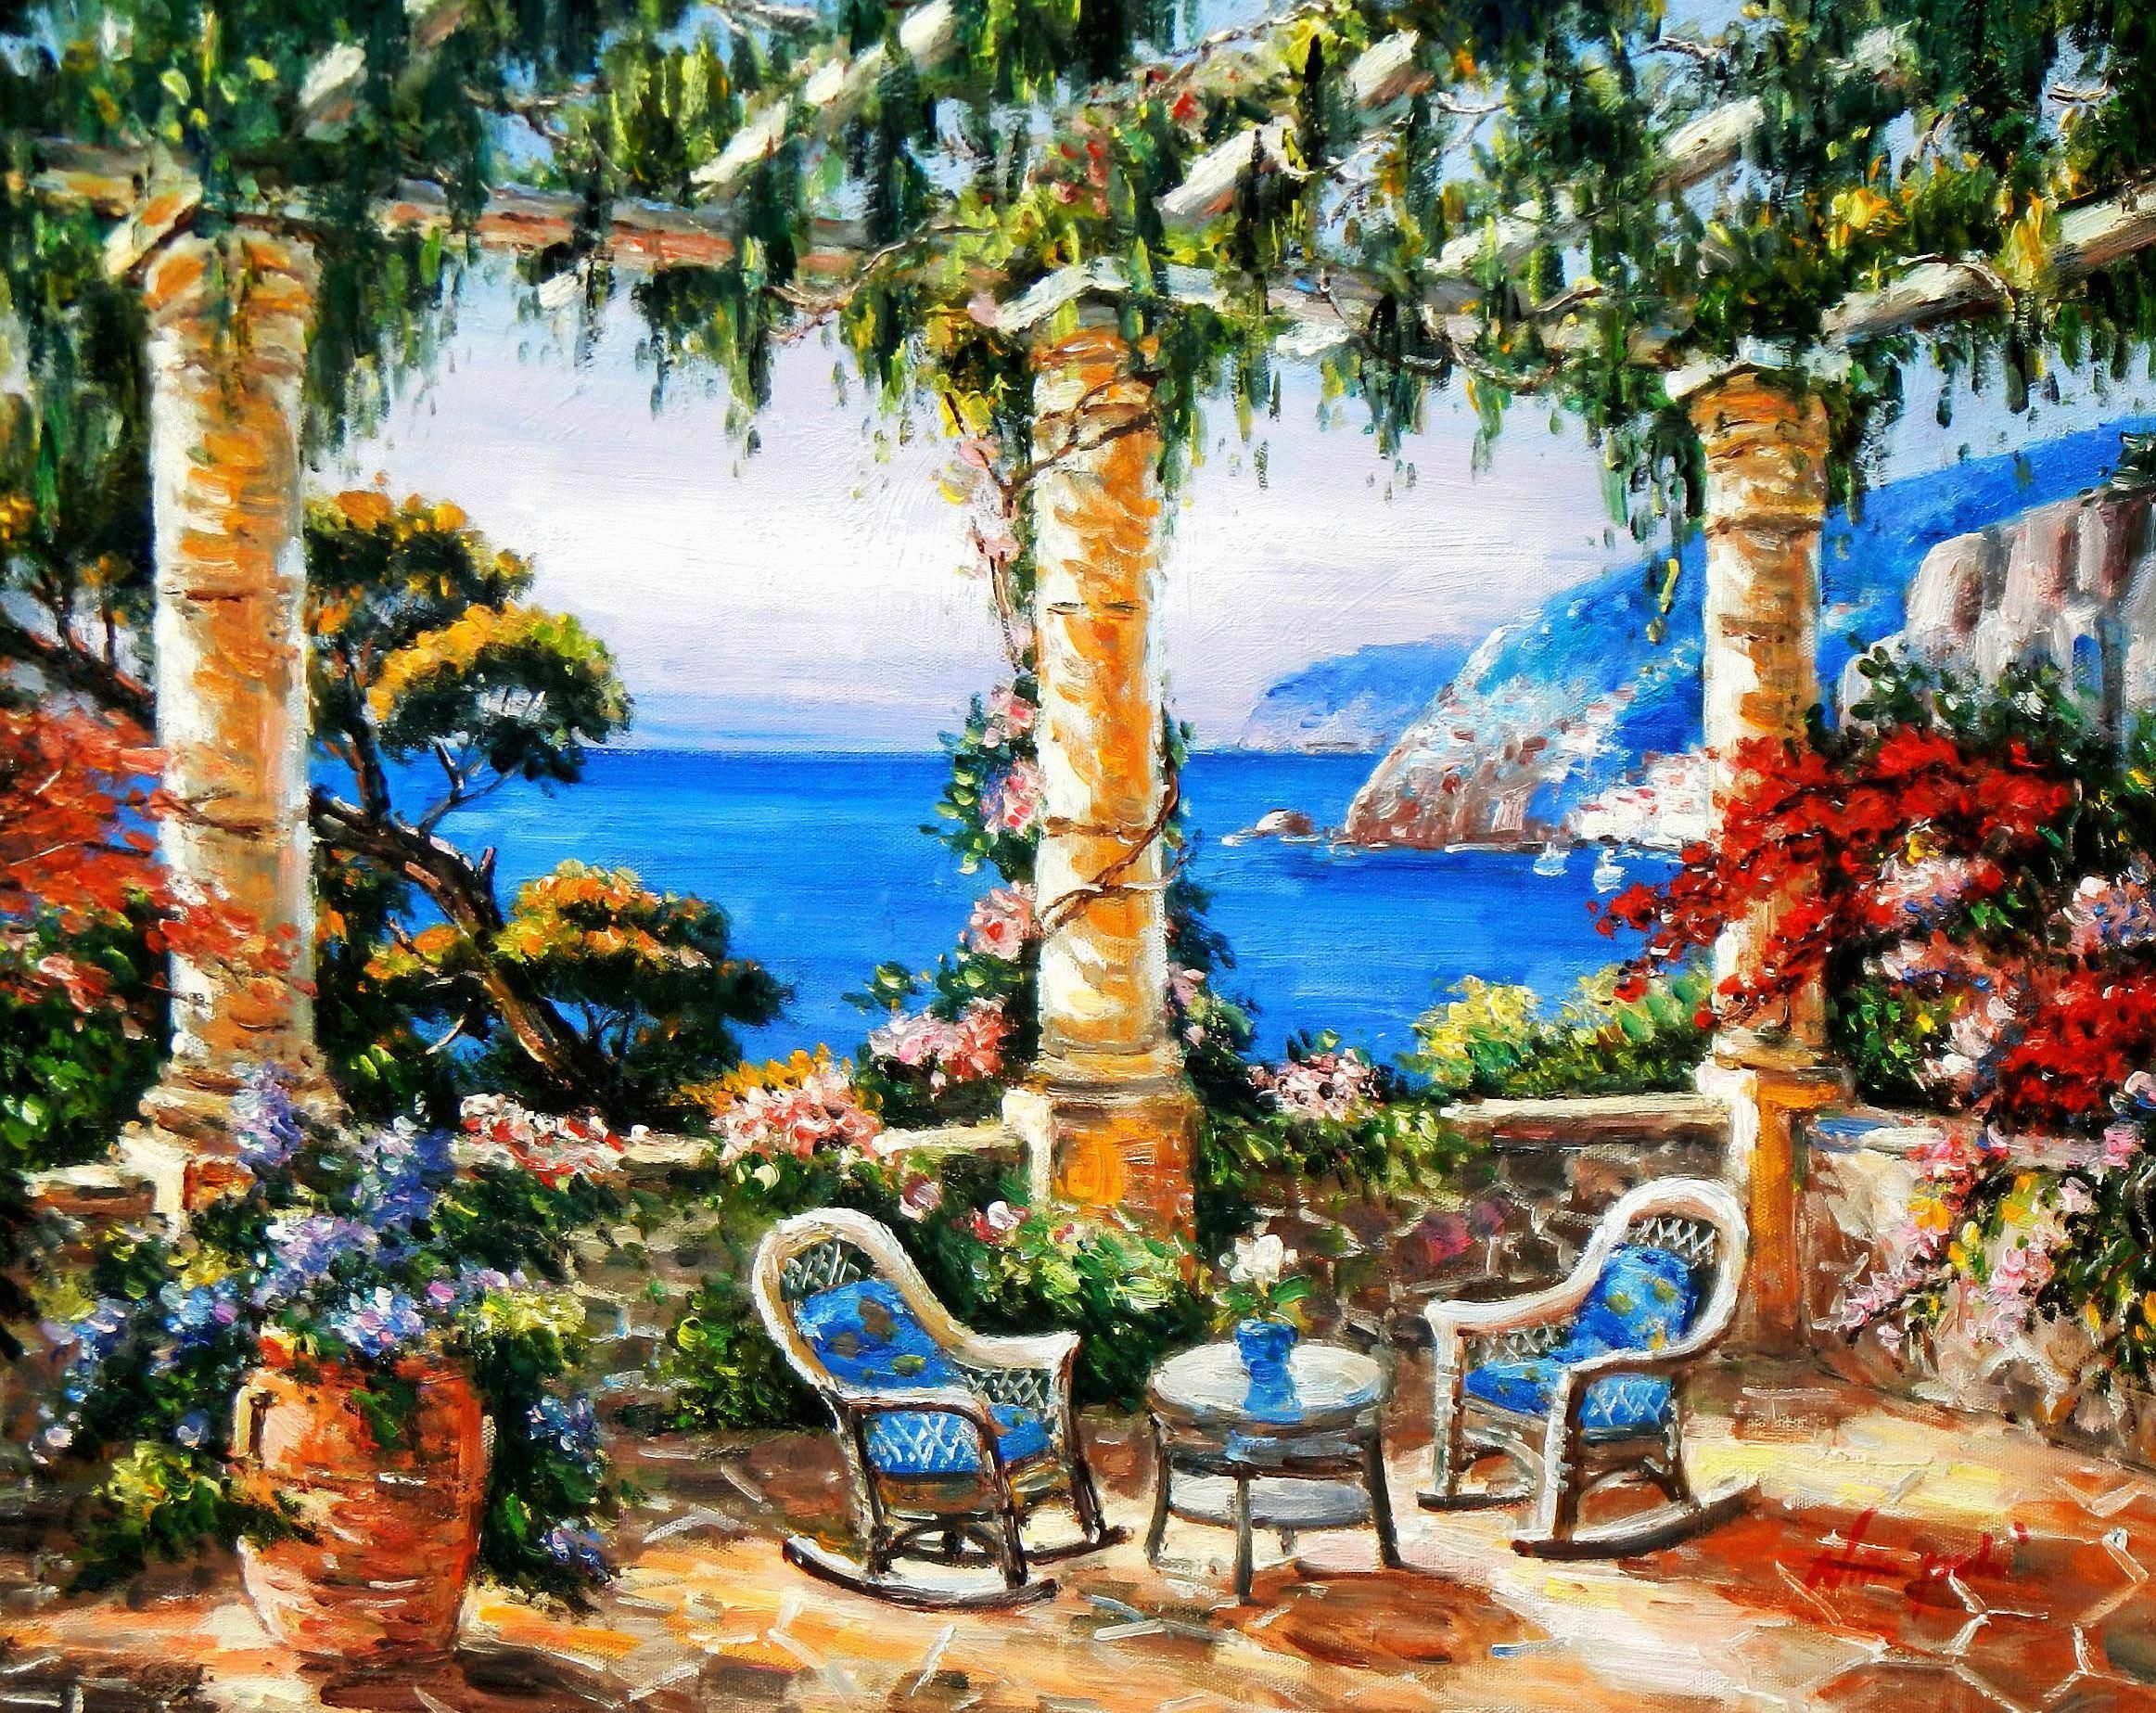 Modern Art - Blumenterrasse auf Santorin b93614 40x50cm Ölbild handgemalt